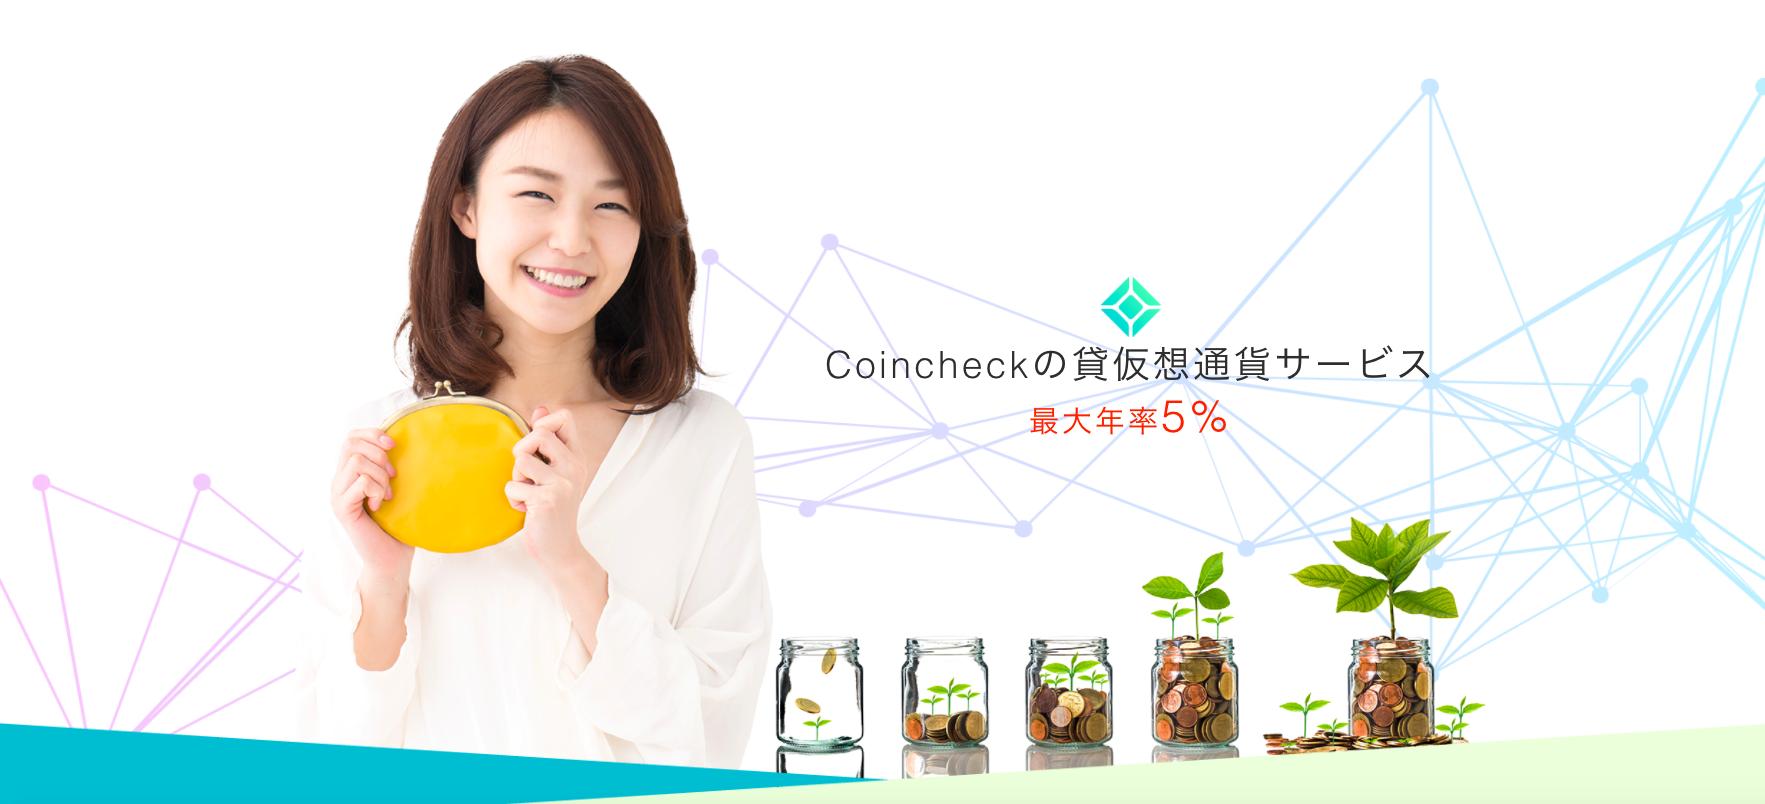 コインチェックの貸仮想通貨